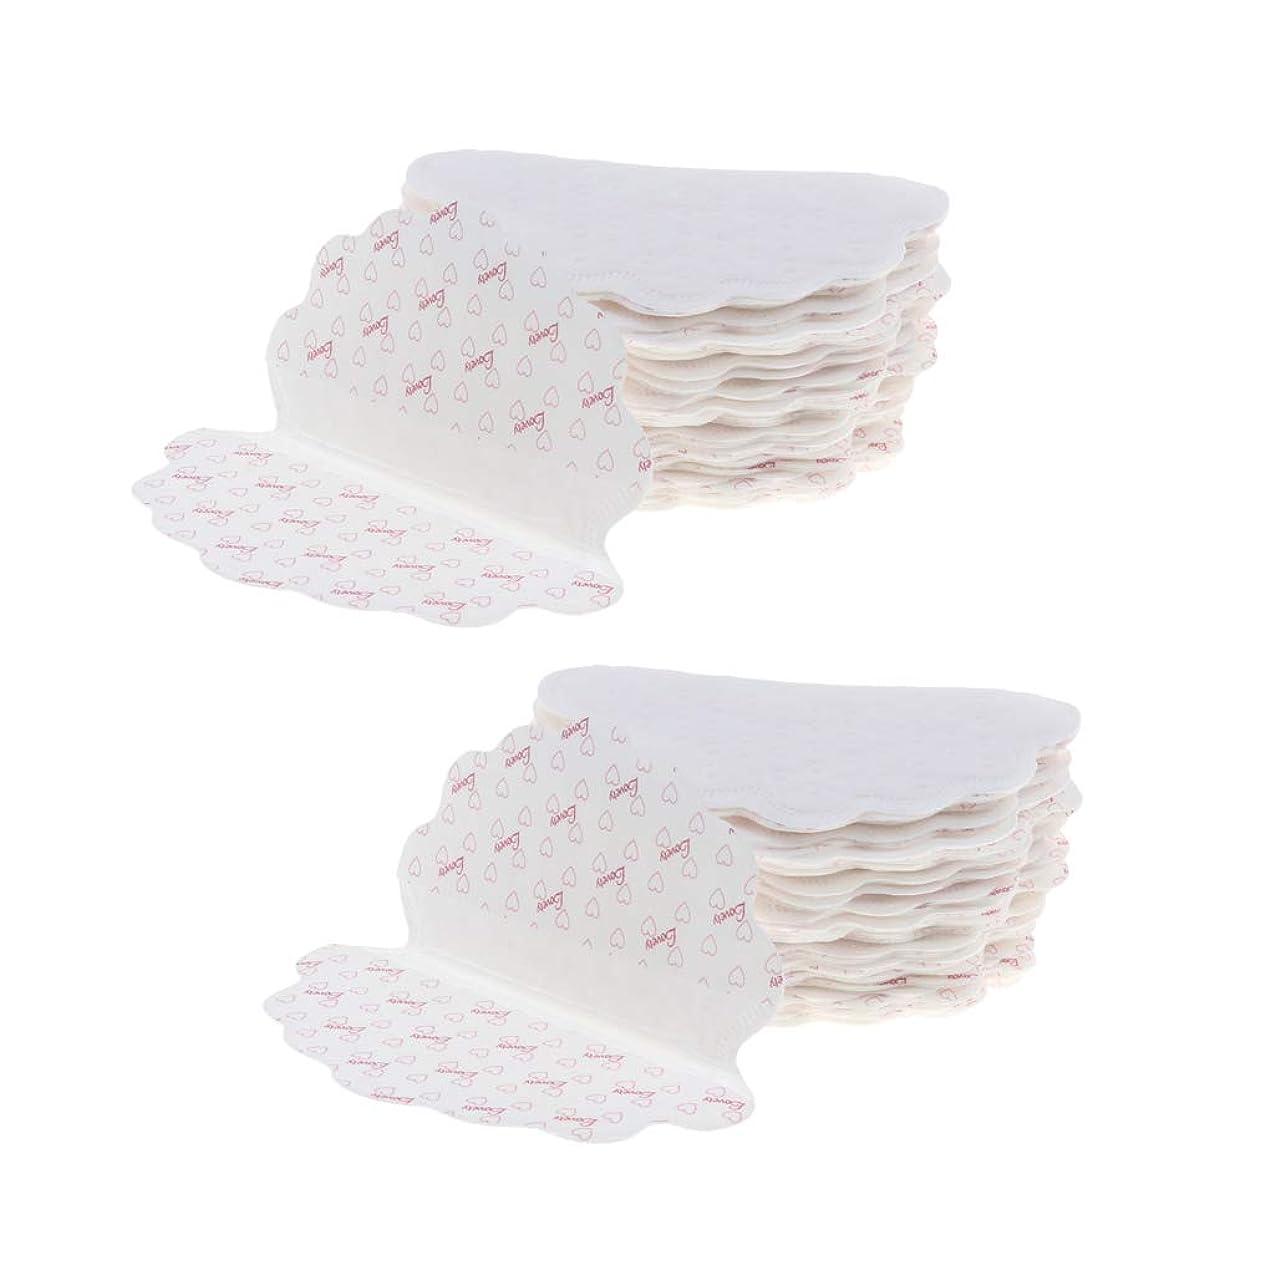 暴力反対する具体的にP Prettyia 40個 使い捨て 脇の下脇の下汗パッド ドレス ガードシールド ホワイト